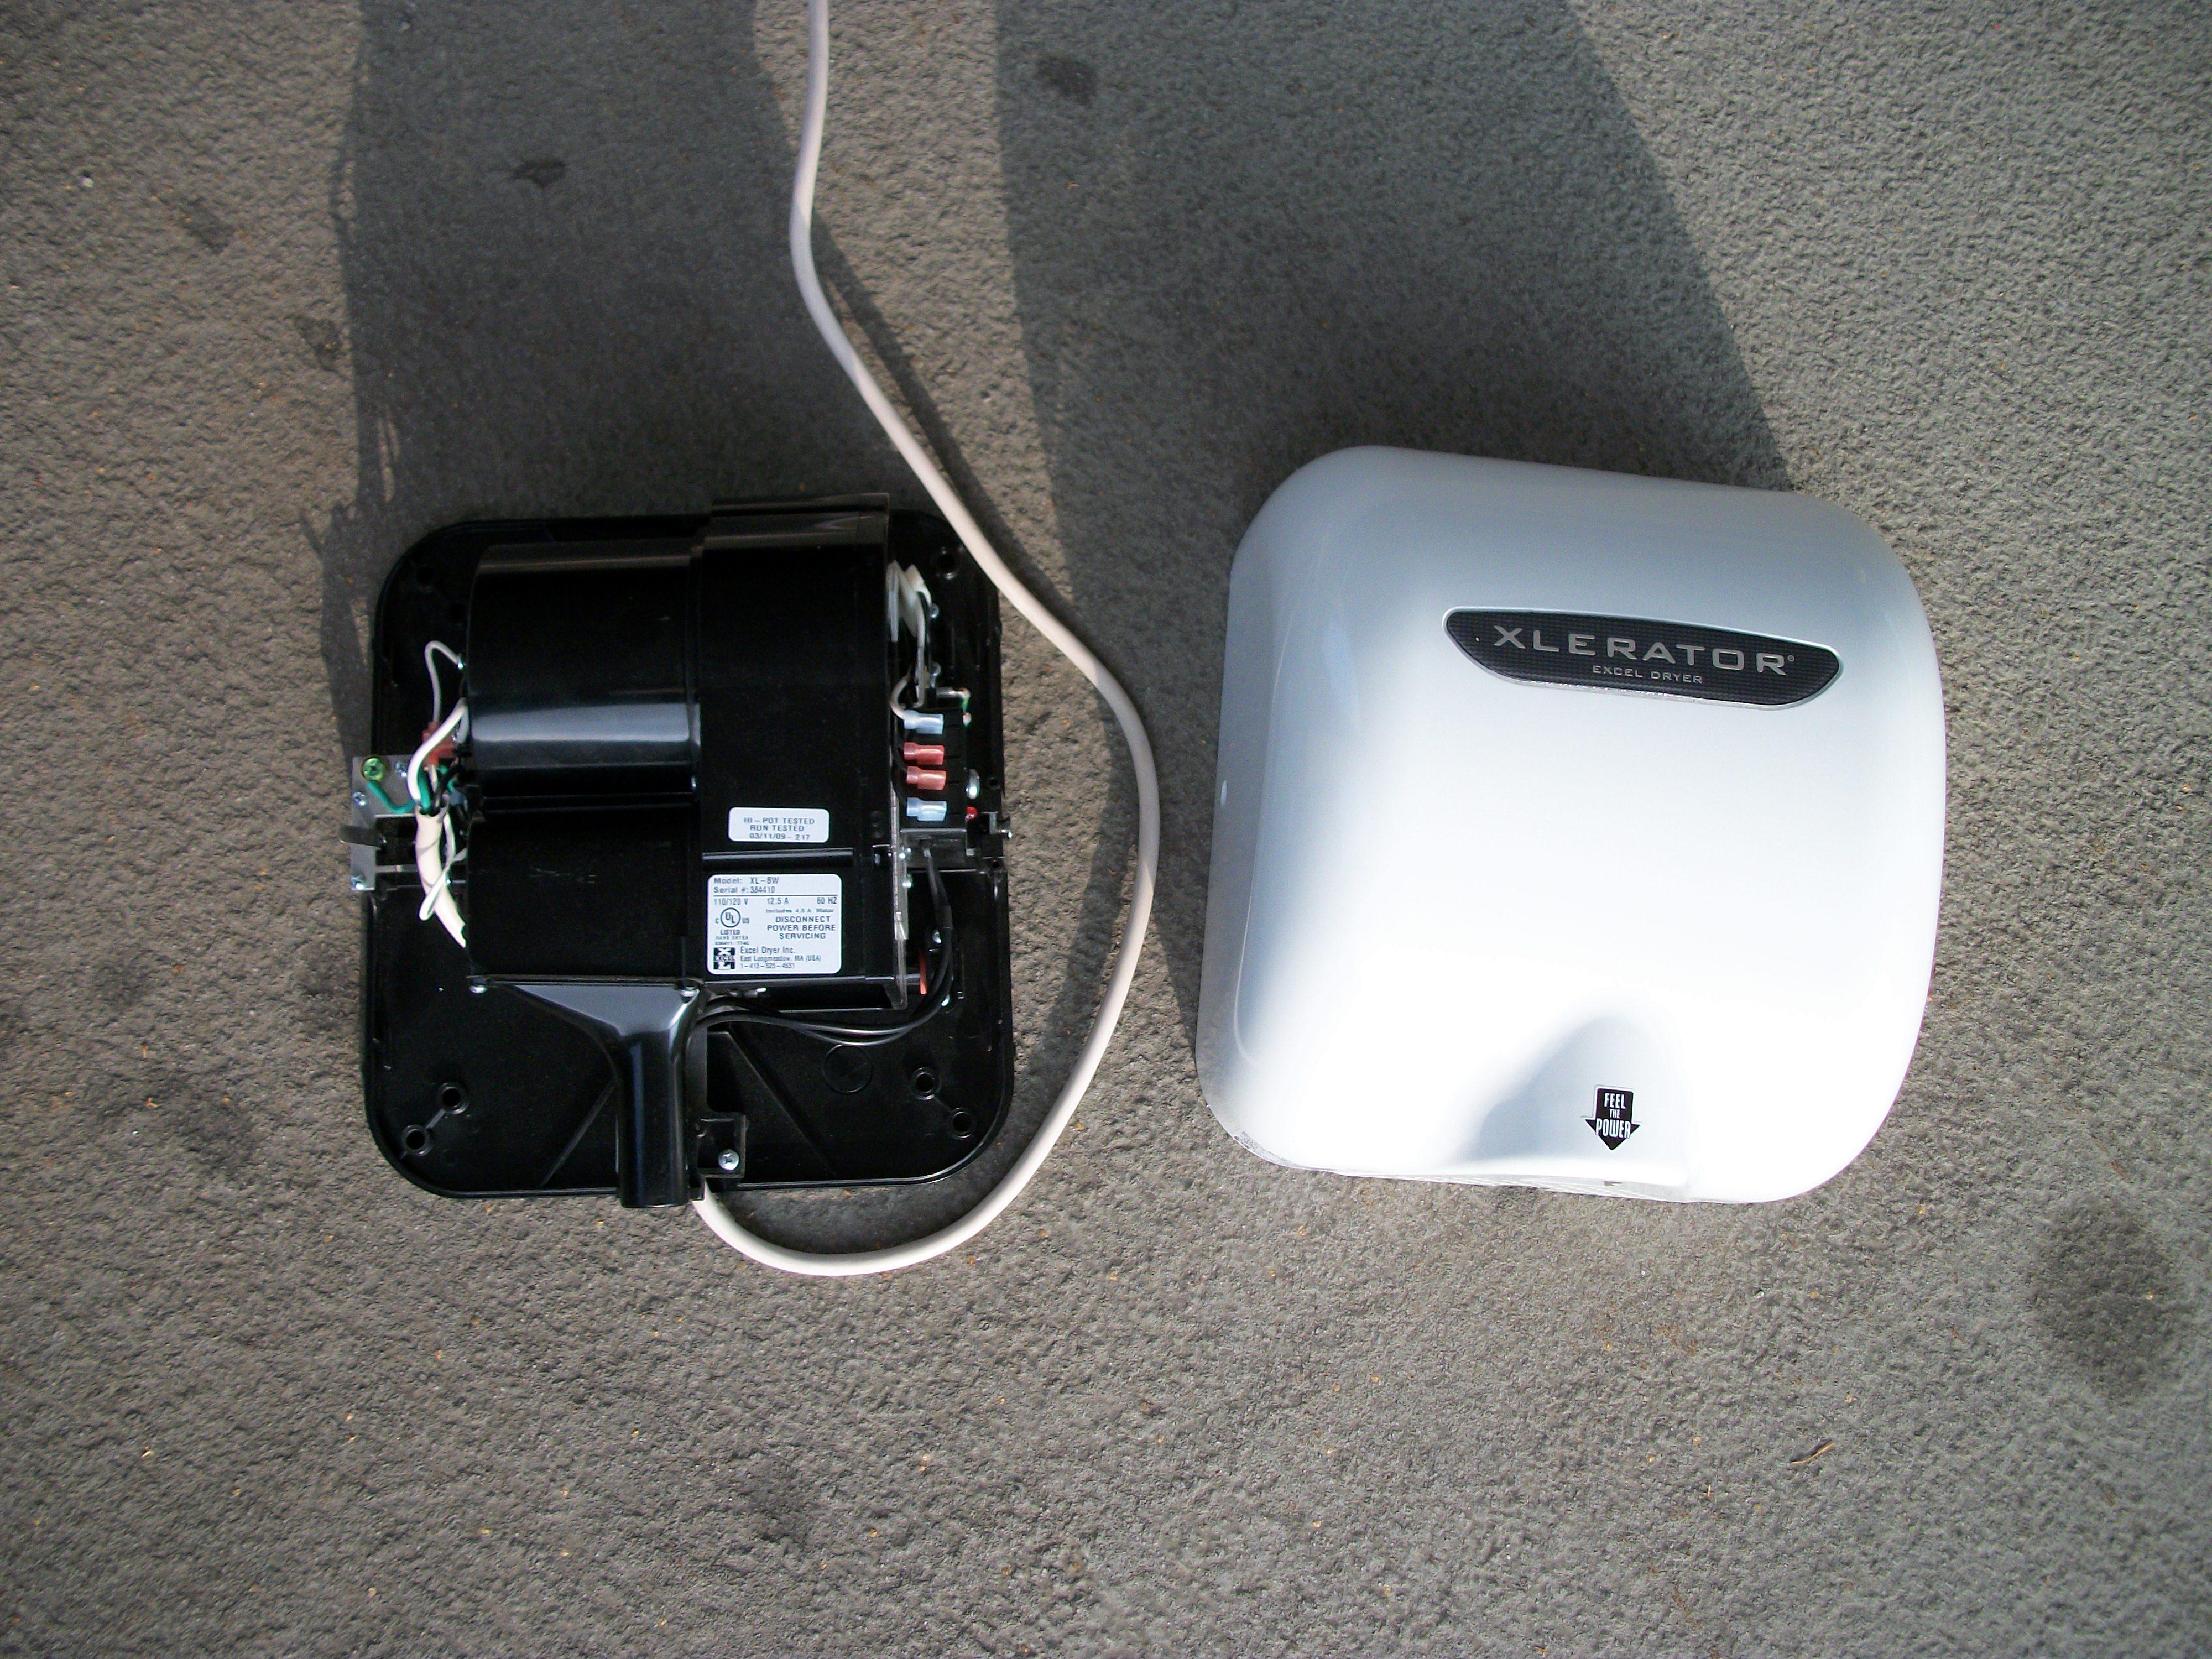 filexlerator hand dryer inside frontjpg